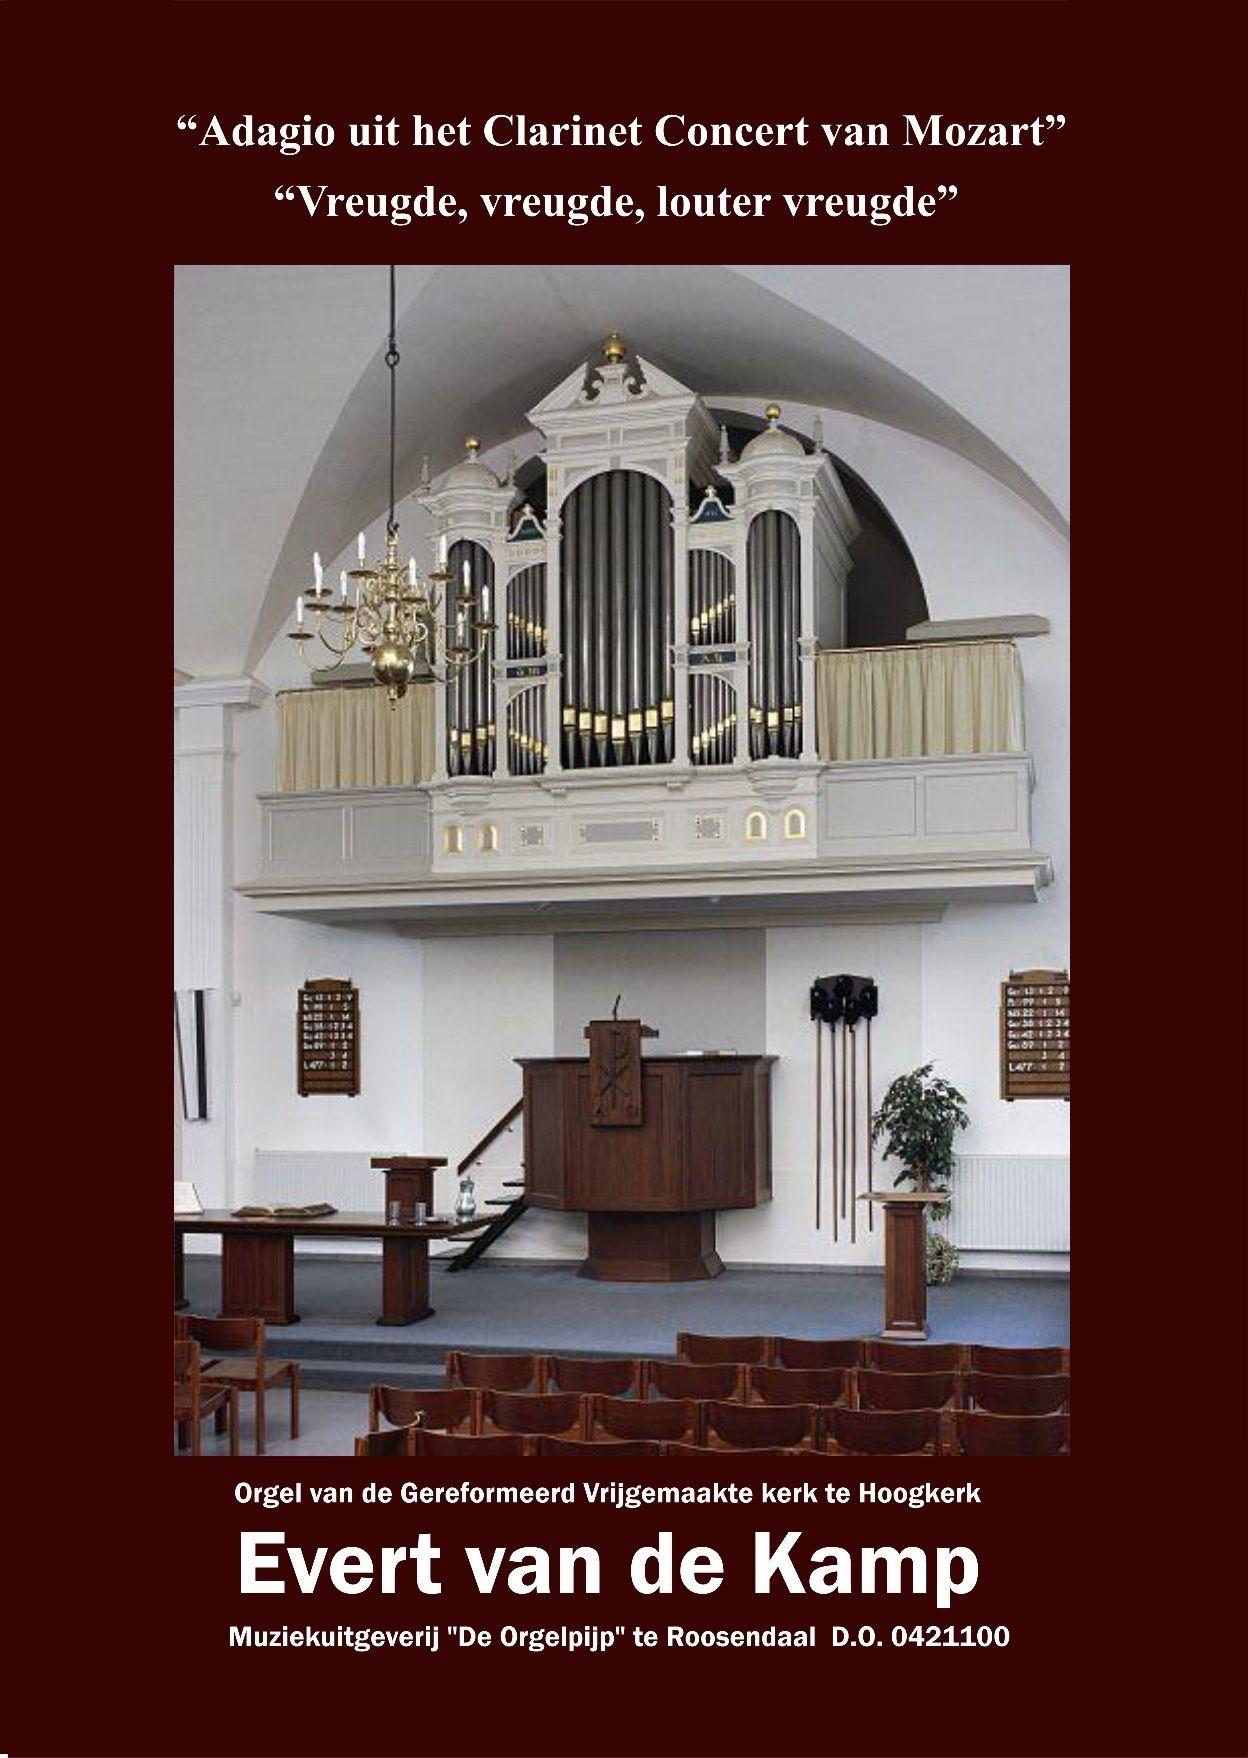 Evert van de Kamp: Adagio uit het Klarinet Concert van Mozart: Organ: